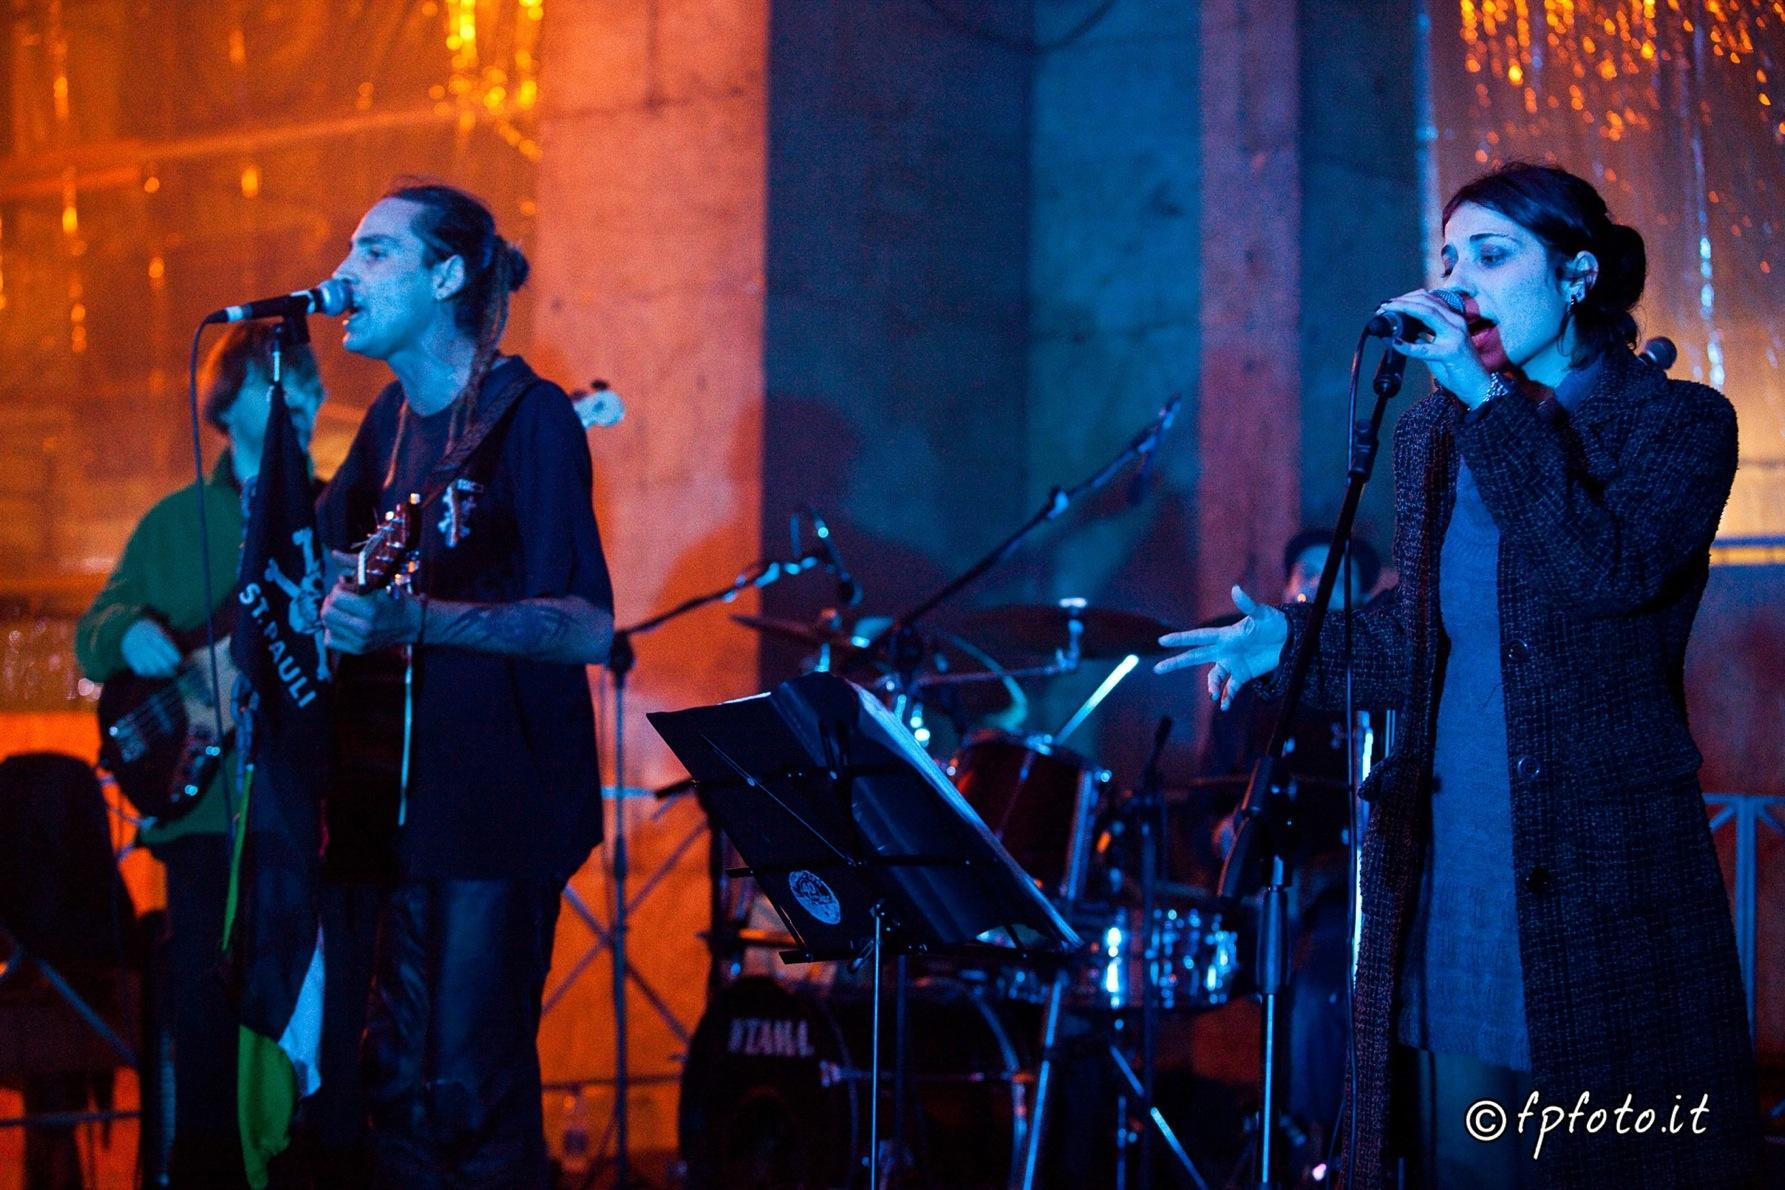 Francesco Lucidi, un batterista italiano in Rocketman, il film sulla vita di Elton John - Tutte le foto sono di Monika Piotrowska // monikapiotrowska.com